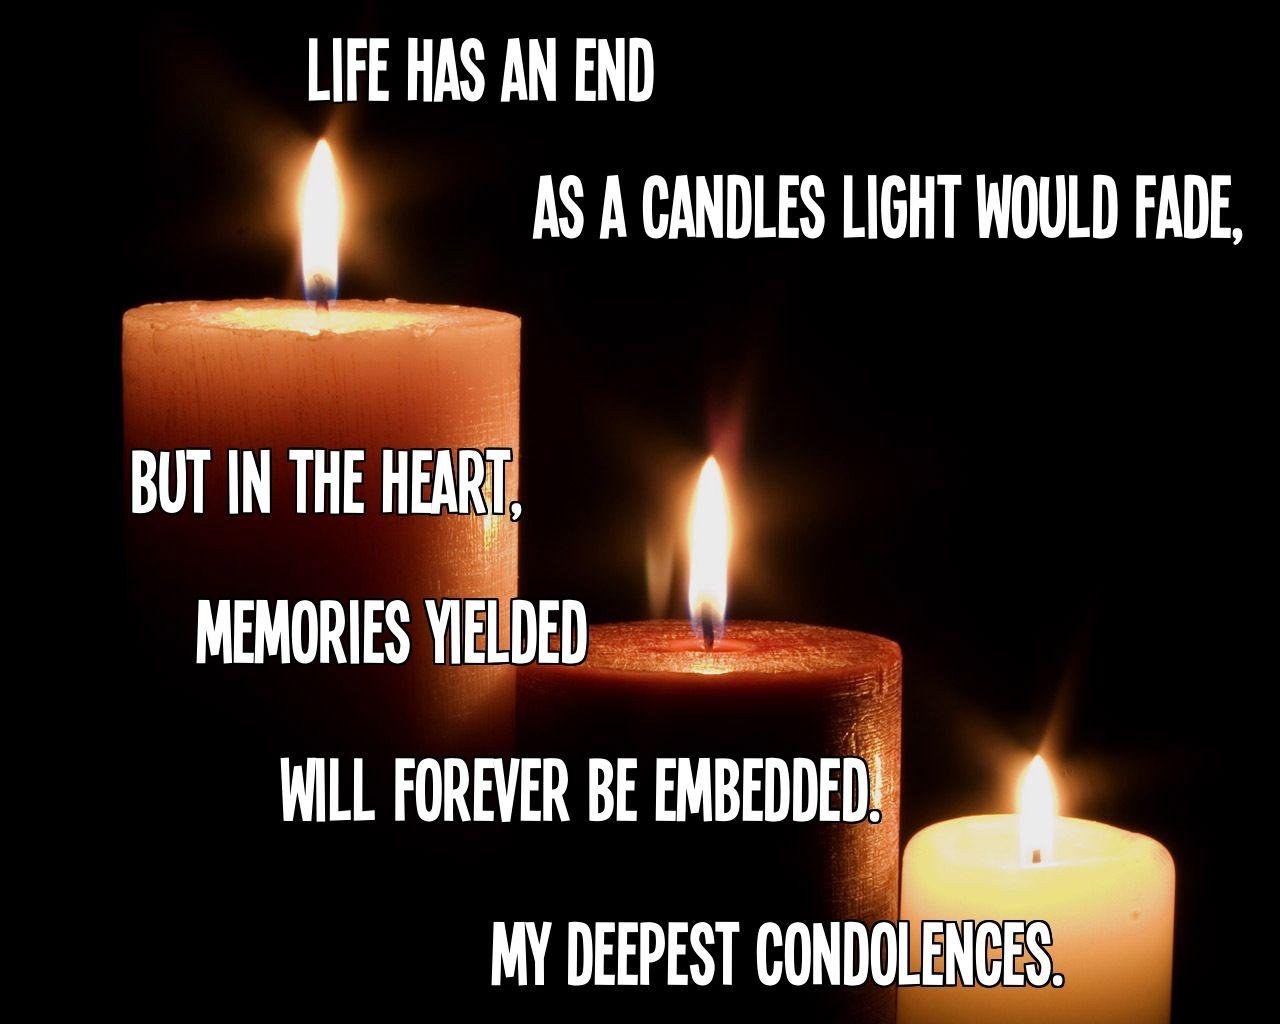 Condolences quotes